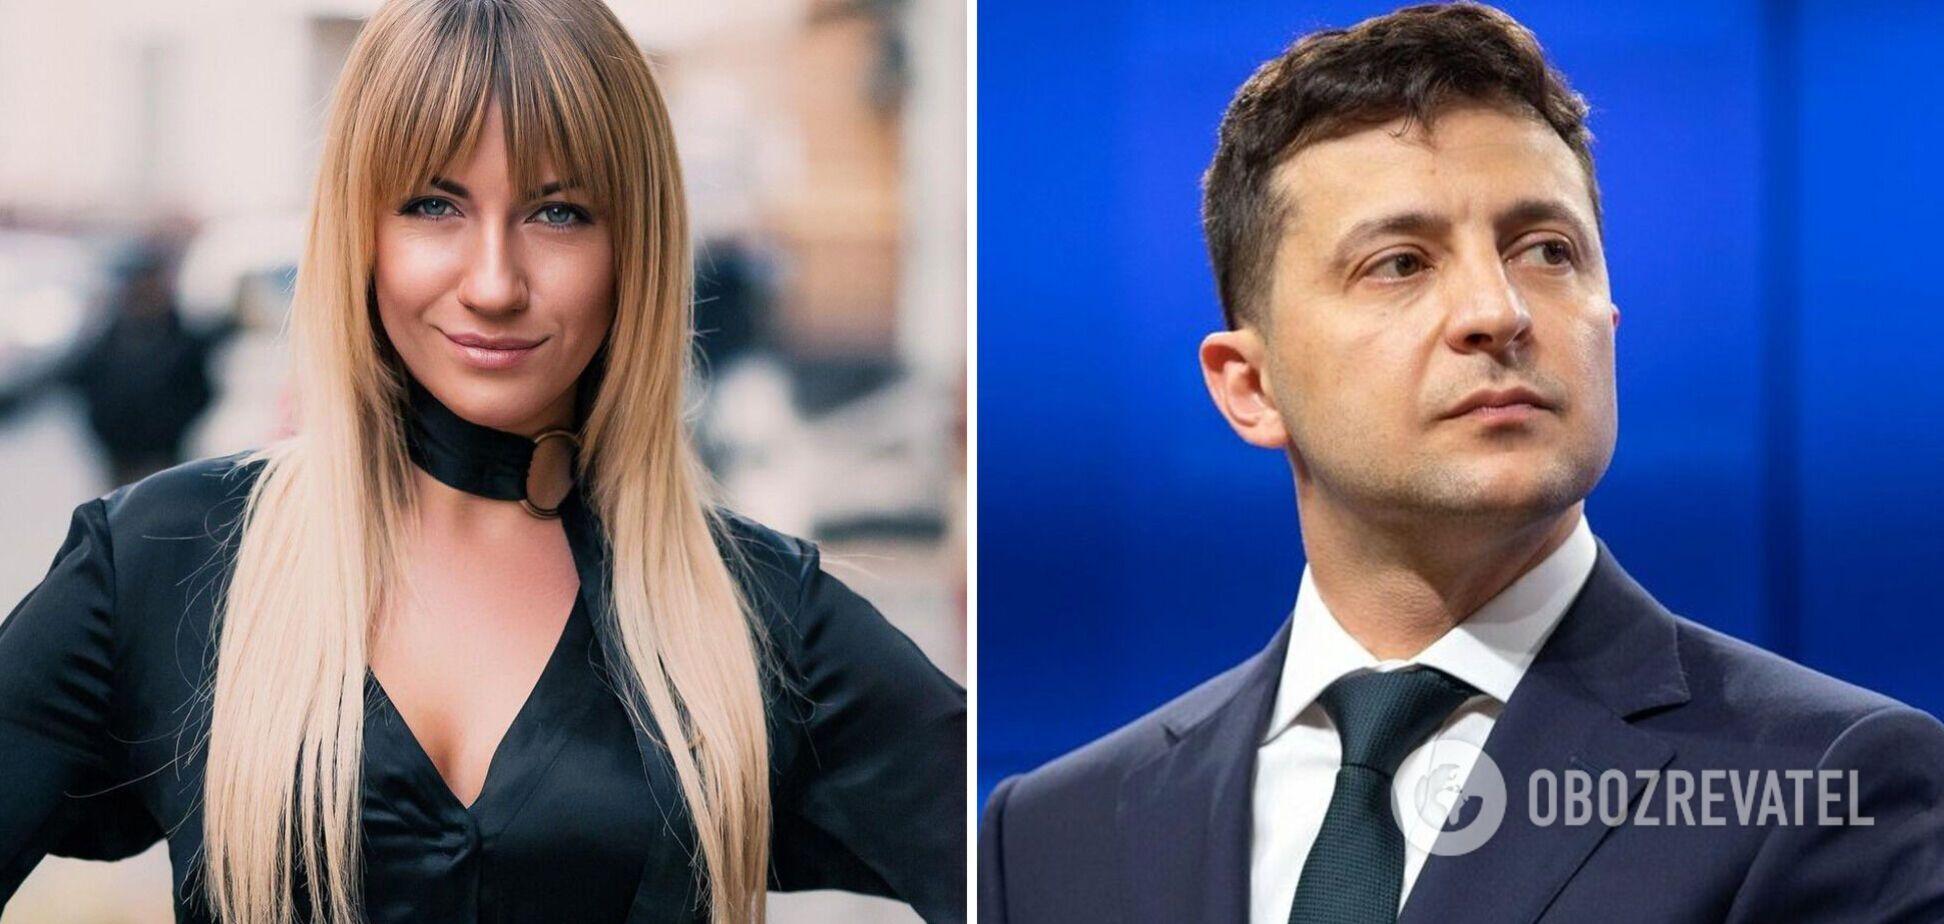 Никитюк стала 'вторым человеком в стране' после Зеленского, – рейтинг Instagram